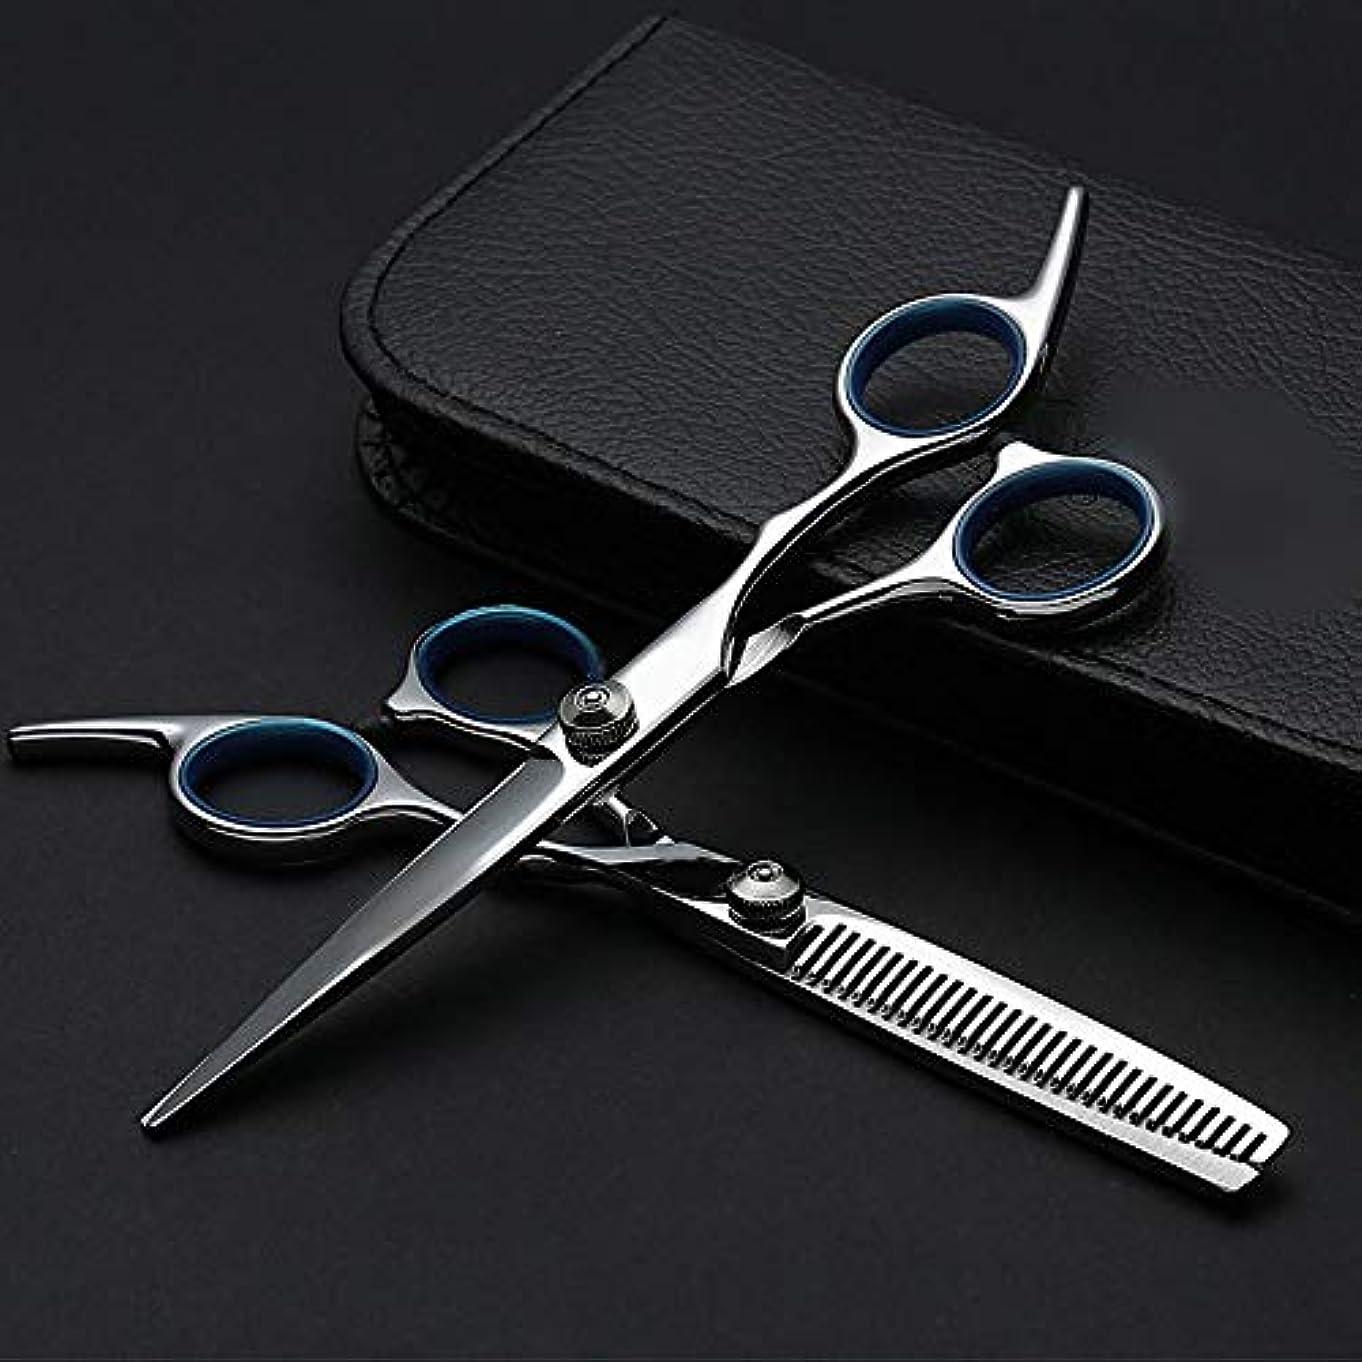 確認バイバイシャンプー理髪用はさみ 6インチプロフェッショナル理髪セット、歯はさみ+フラットはさみセットヘアカットはさみステンレス理髪はさみ (色 : Silver)